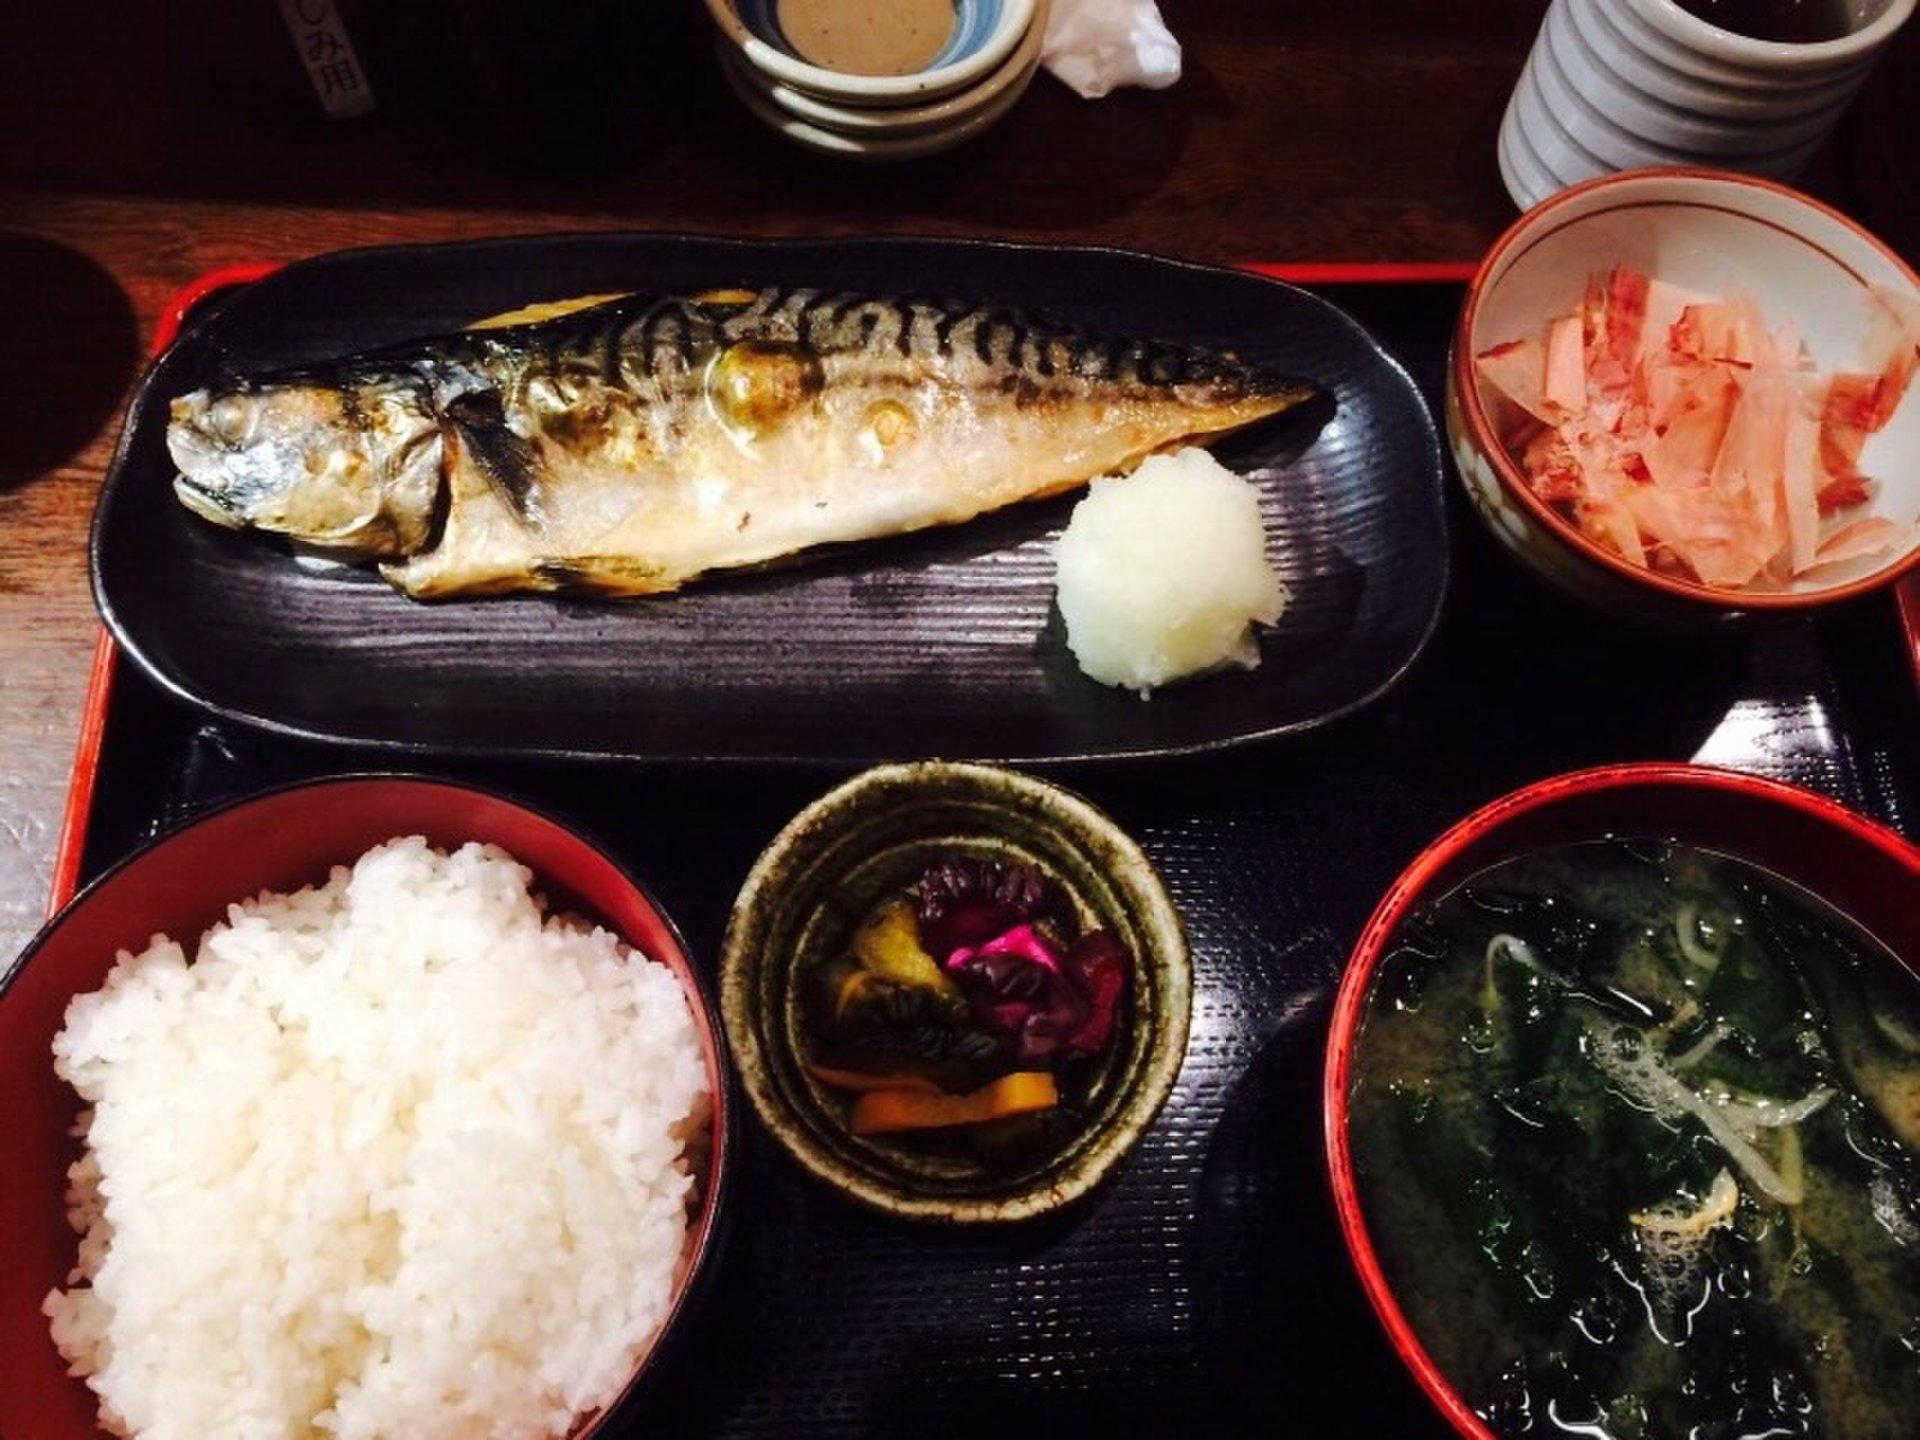 【恵比寿で満足する定食屋さん『三橋屋』!】ほんとに人気の定食屋さんでお魚パクパクっと♡